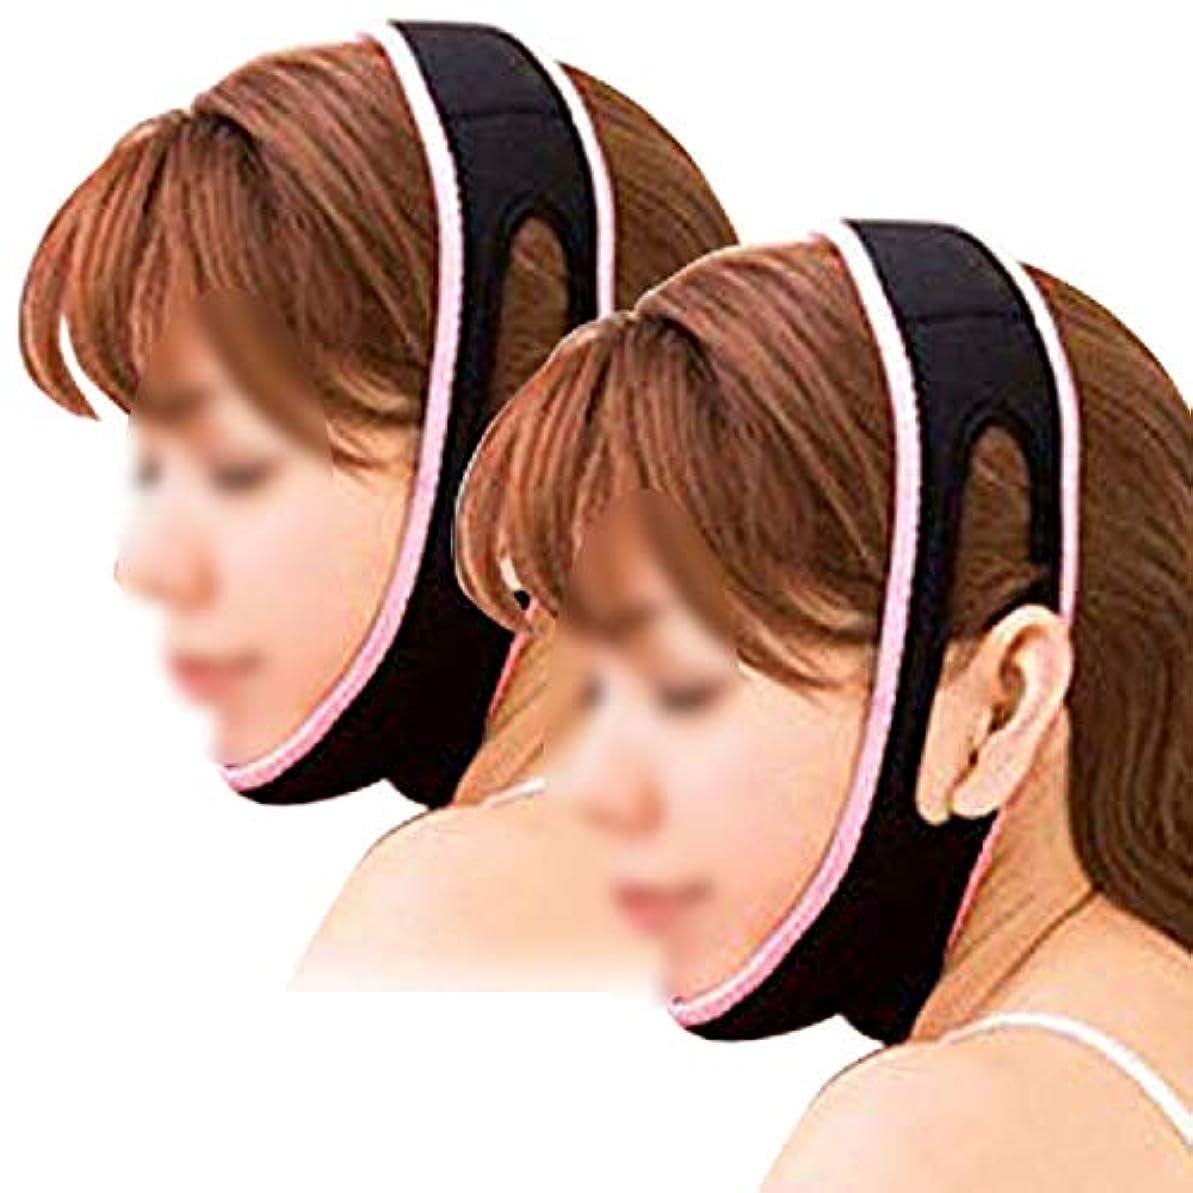 超高層ビルリテラシーの間に2 枚セット 小顔 顔痩せ 最新型 小顔 ベルト リフトアップ ベルト 引き上げ 小顔 マスク